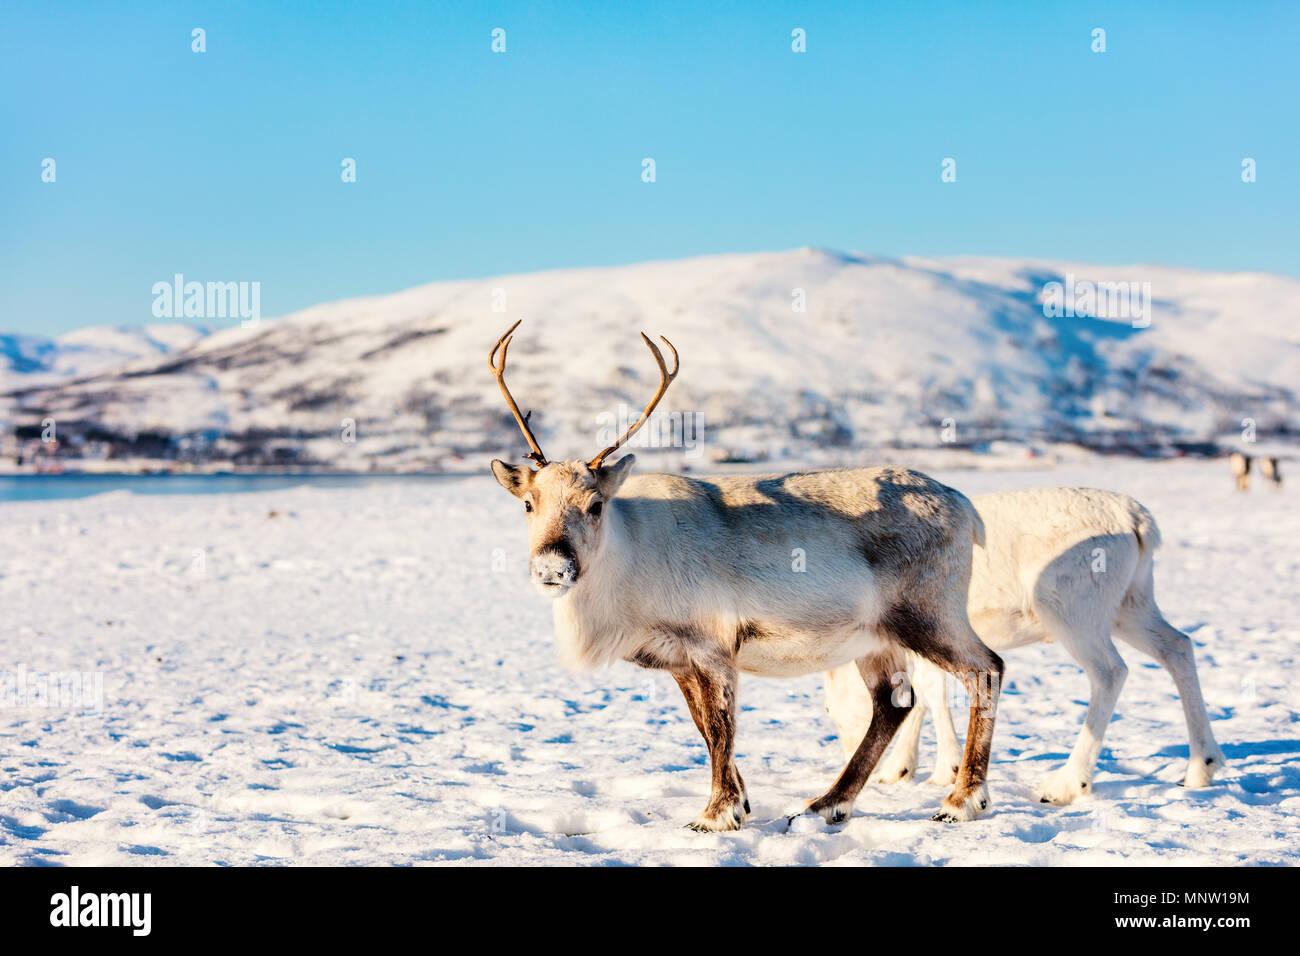 La renna nel nord della Norvegia con fiordi mozzafiato dei paesaggi sulla soleggiata giornata invernale Immagini Stock